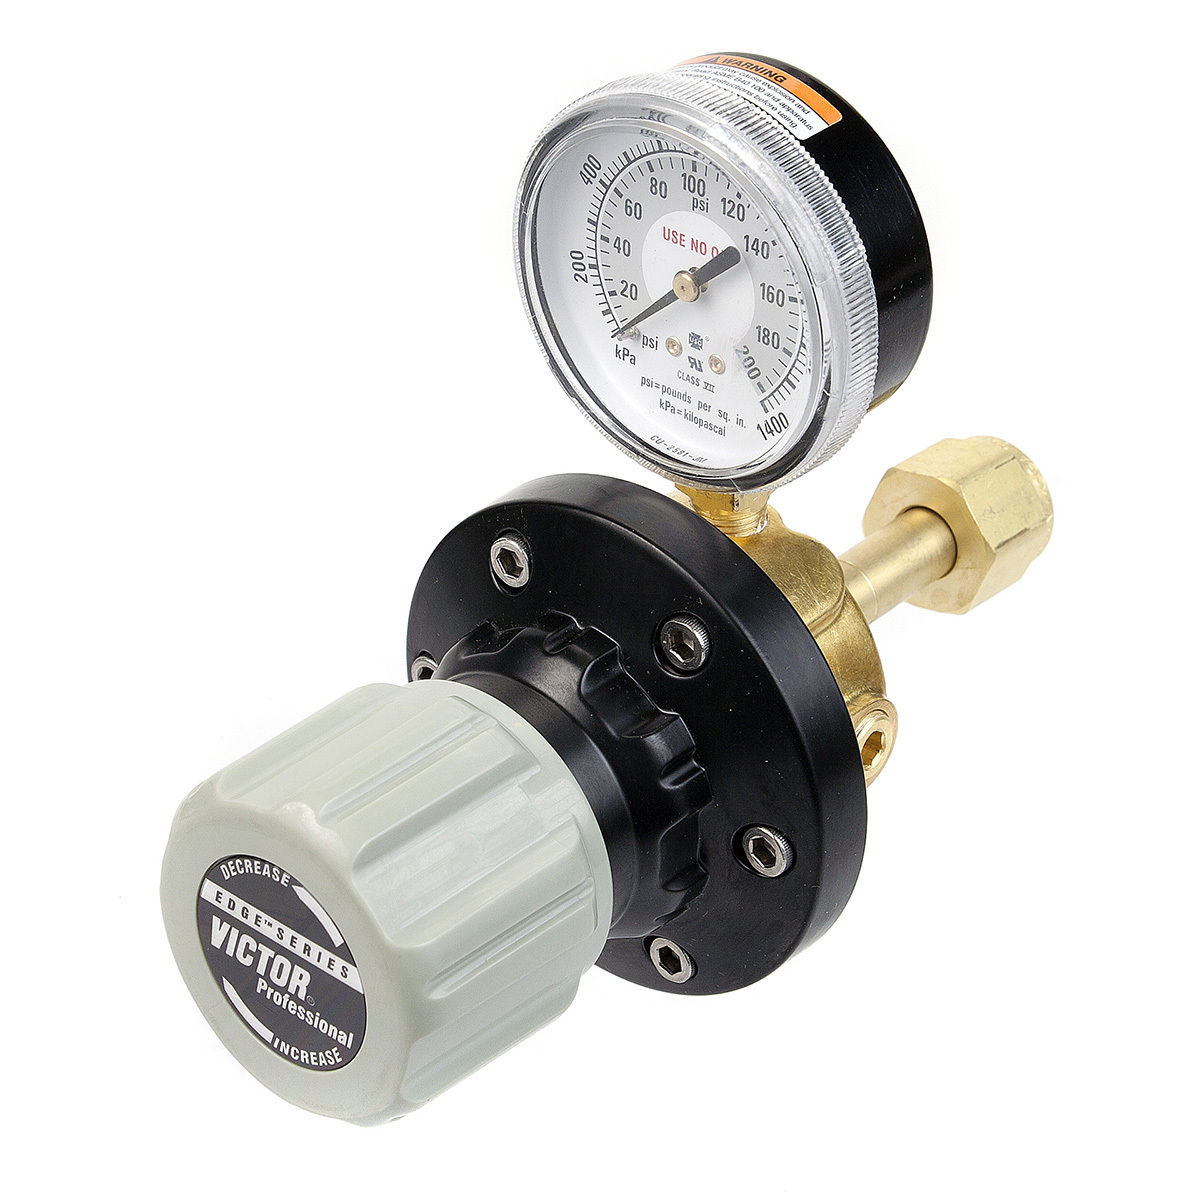 Victor 0781-3642 ESS32-50CFH-320 EDGE 2.0 Flow Gauge Regulator